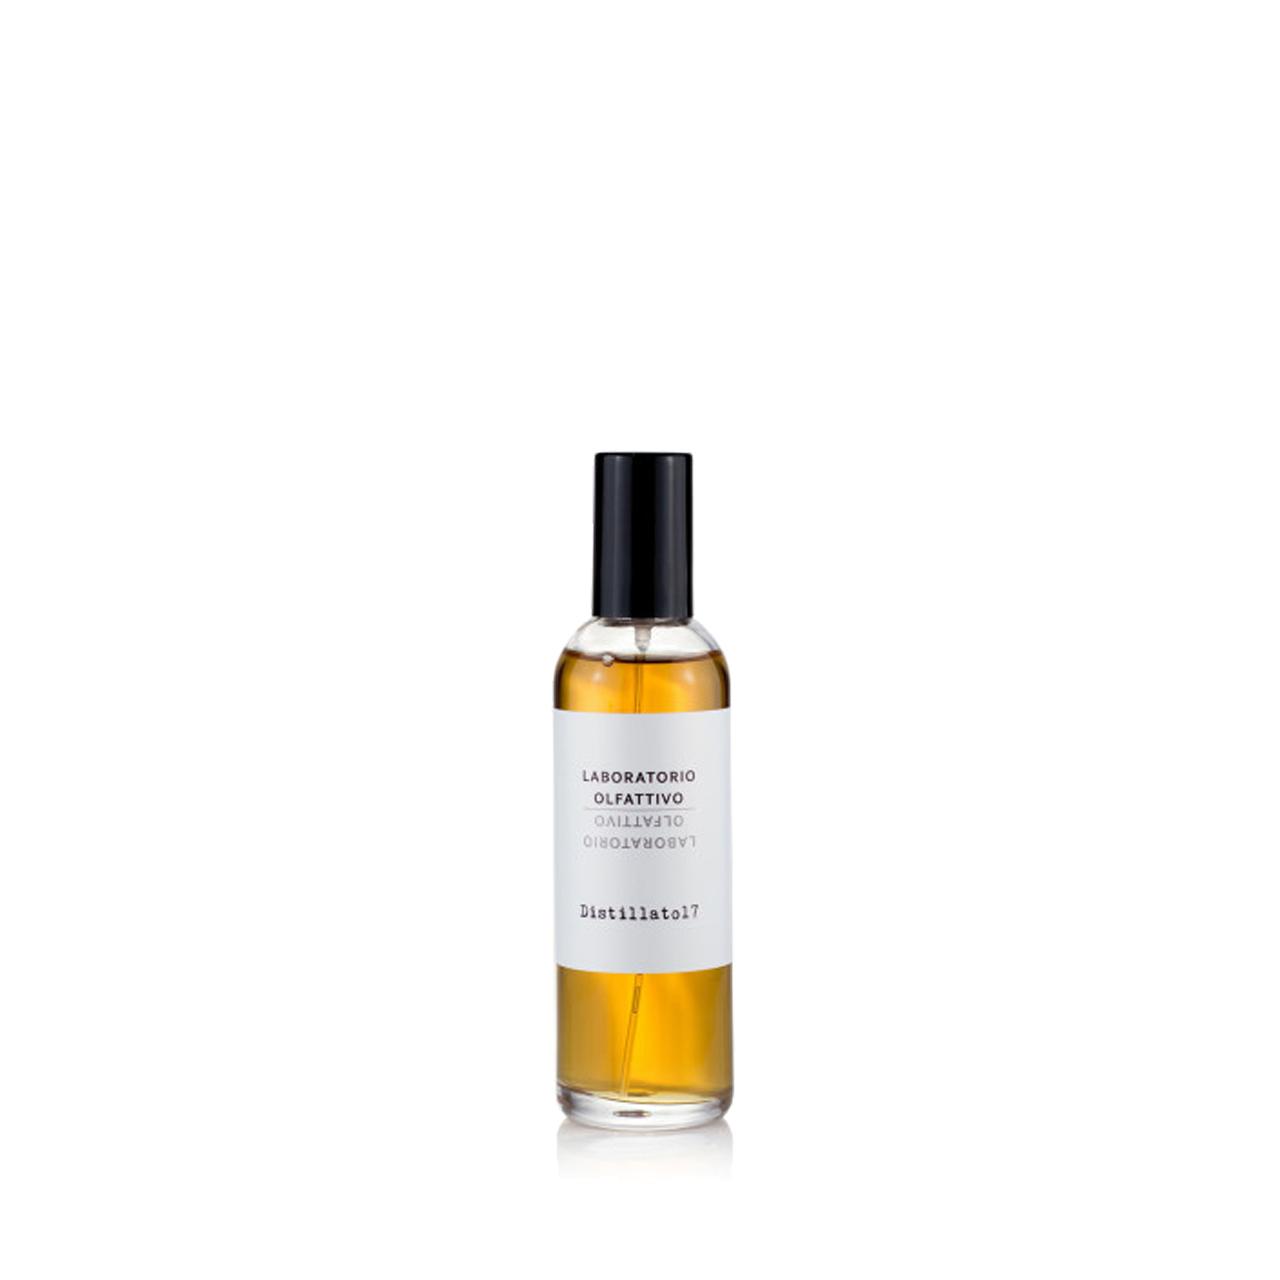 Distillato 17 - Room Fragrance